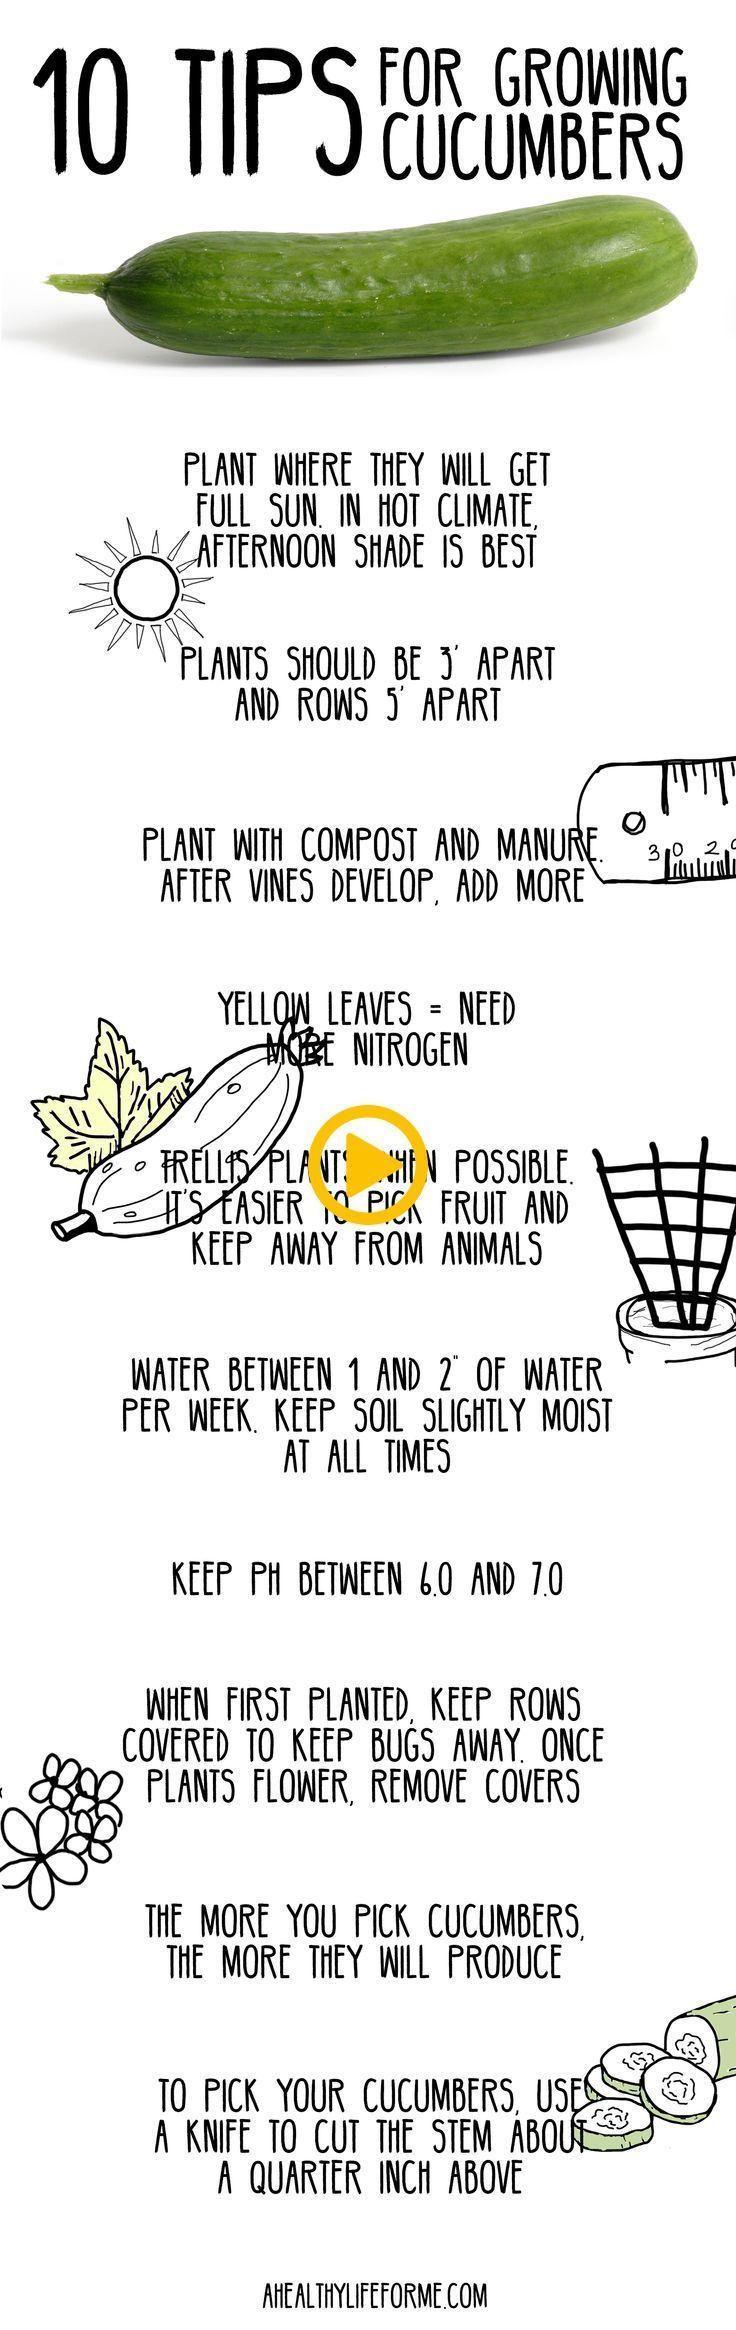 10 Tipps für den Anbau von Gurken. DYI Gardening How To Life Hack Anbau von Gemüse #anbauvongemüse 10 Tipps für den Anbau von Gurken. DYI Gardening How To Life Hack Anbau von Gemüse #anbauvongemüse